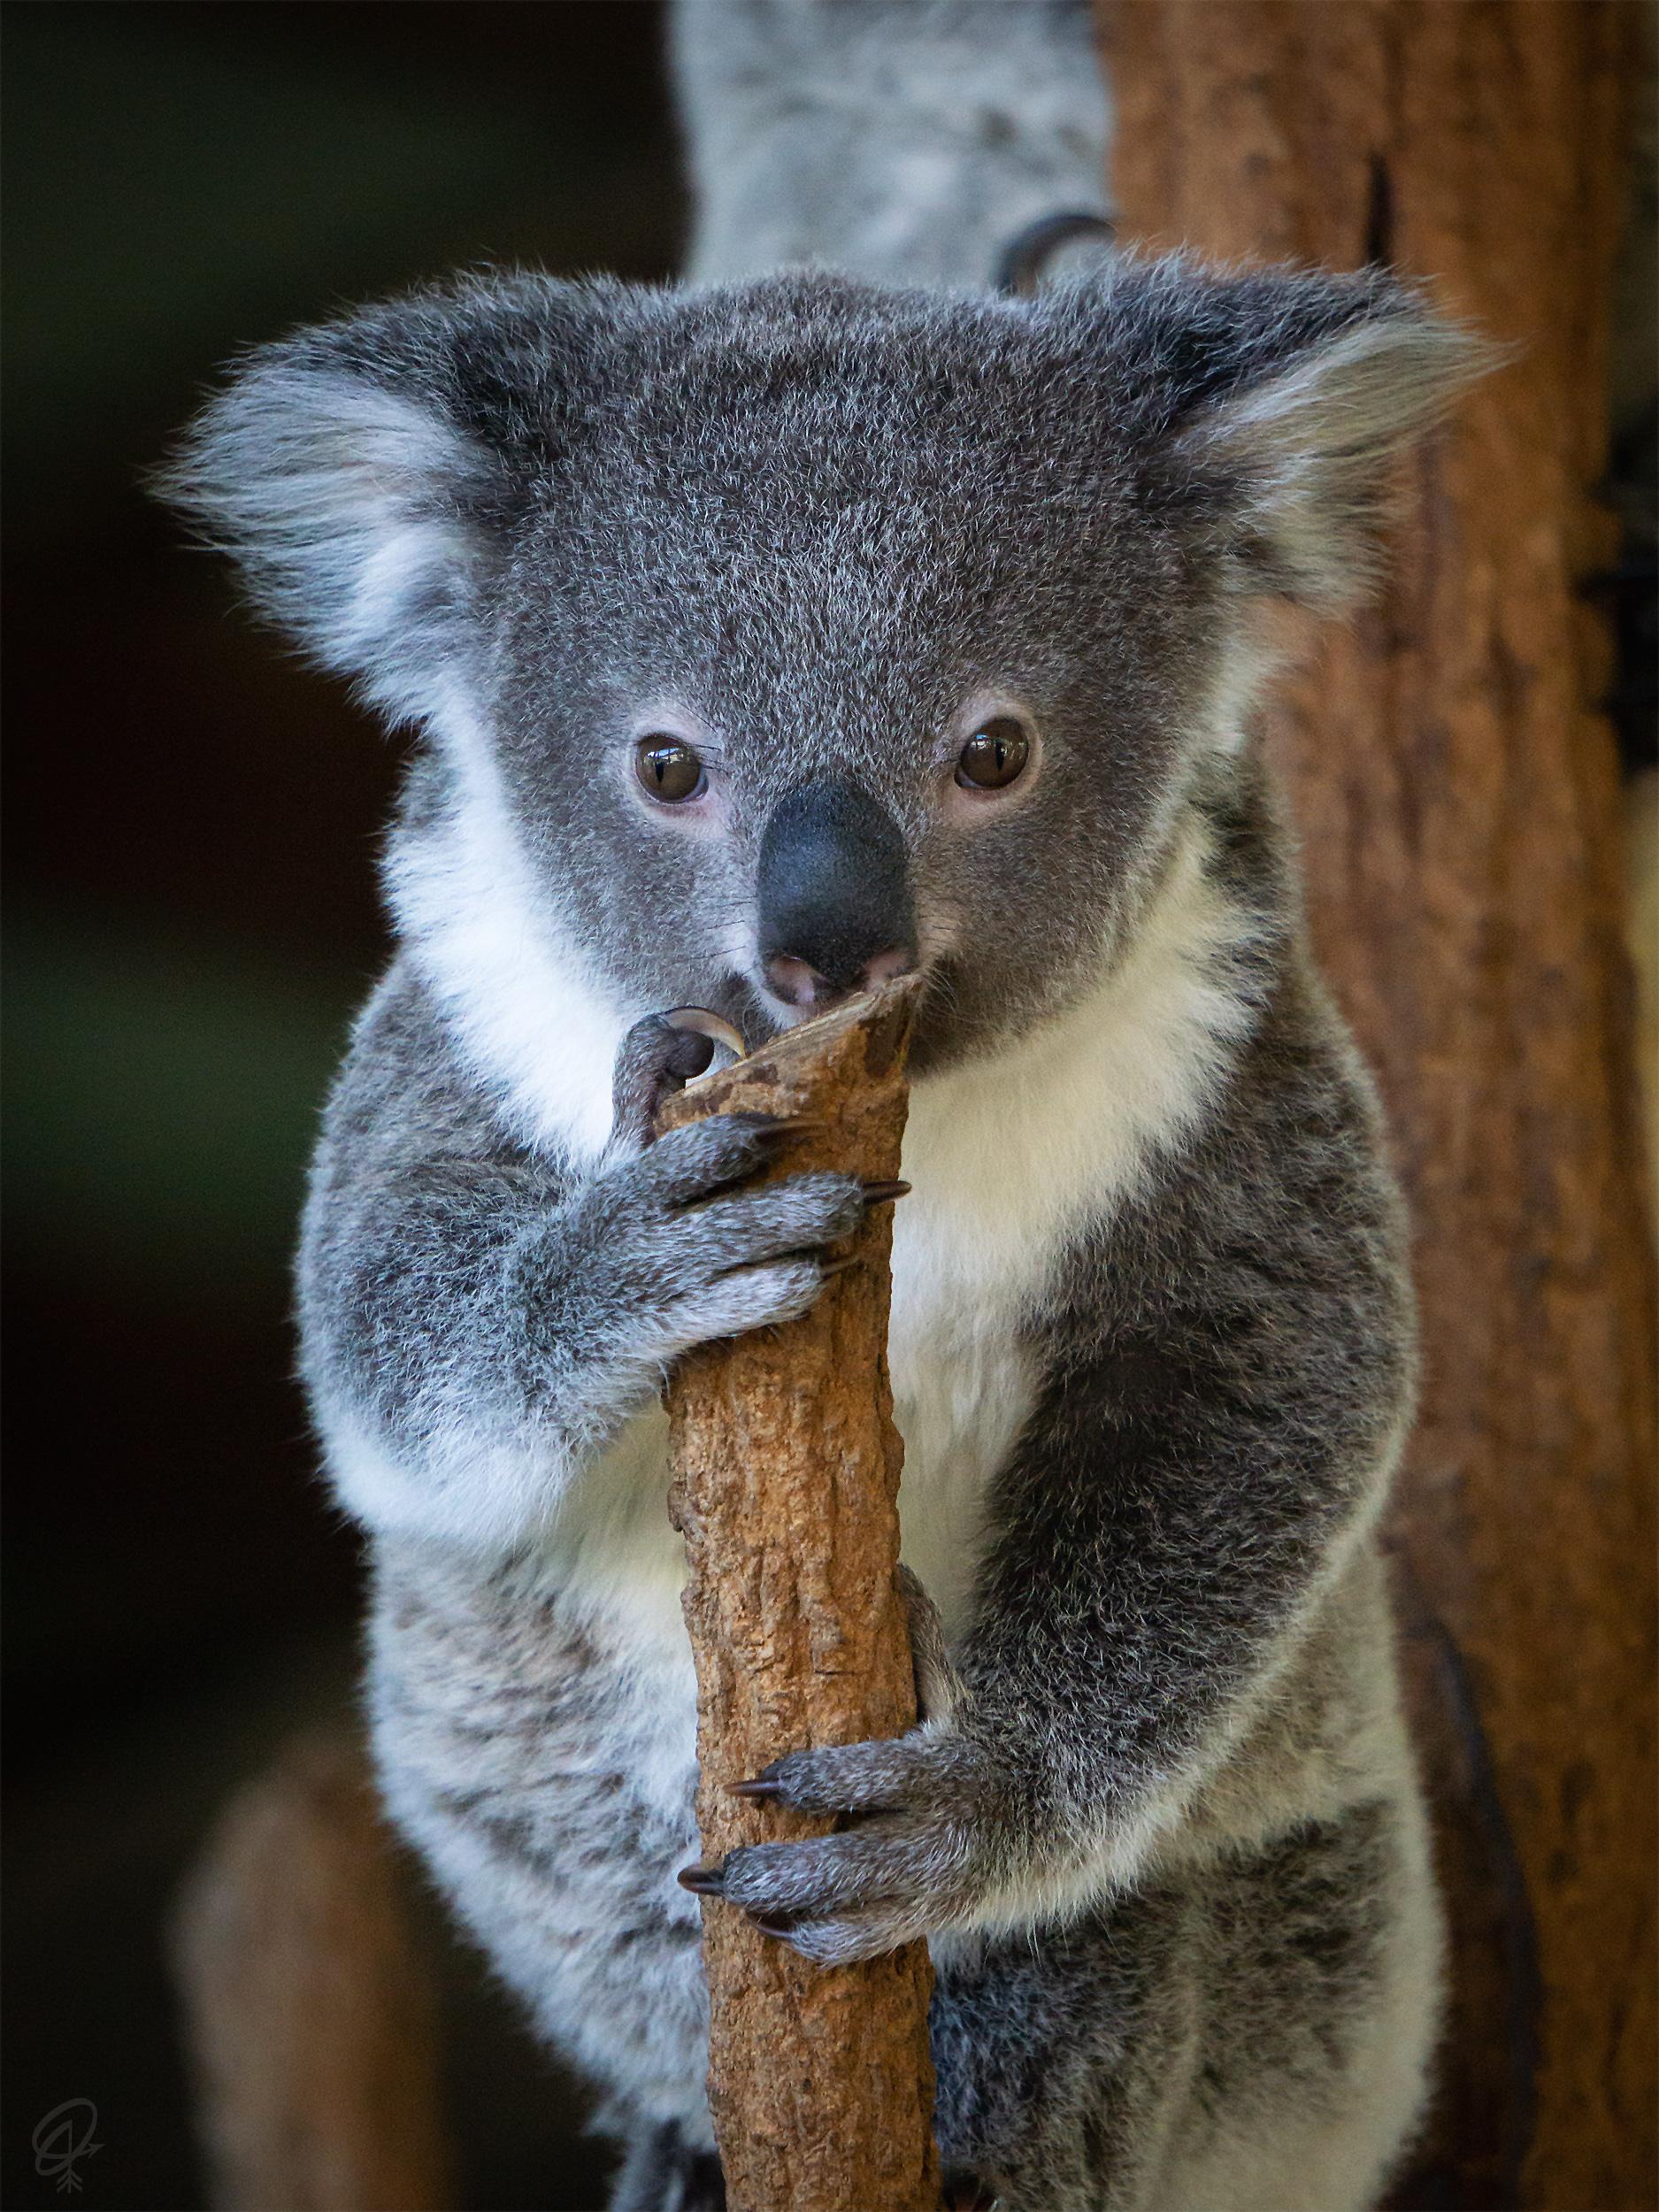 baby koala in tree